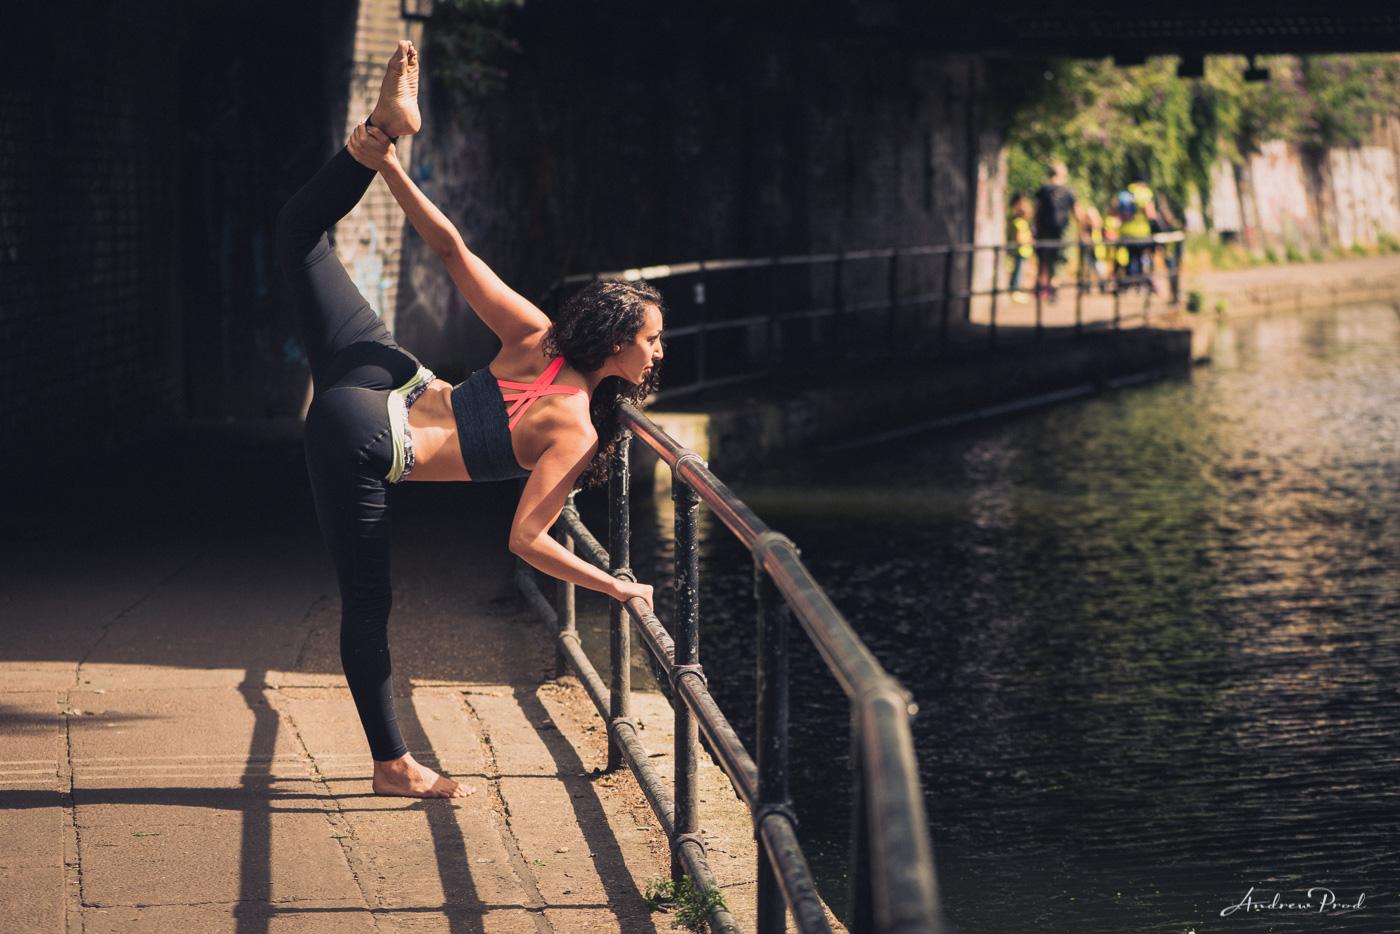 camden-town-yoga-photography-2